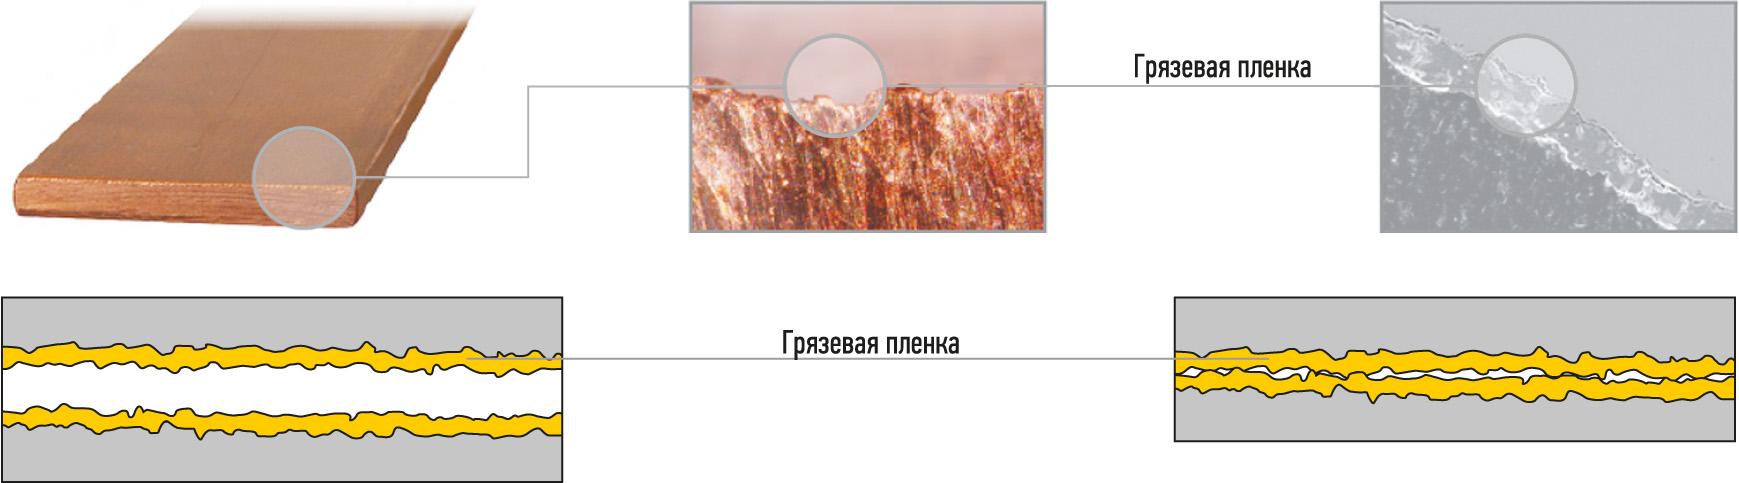 Поверхность электрического контакта под микроскопом